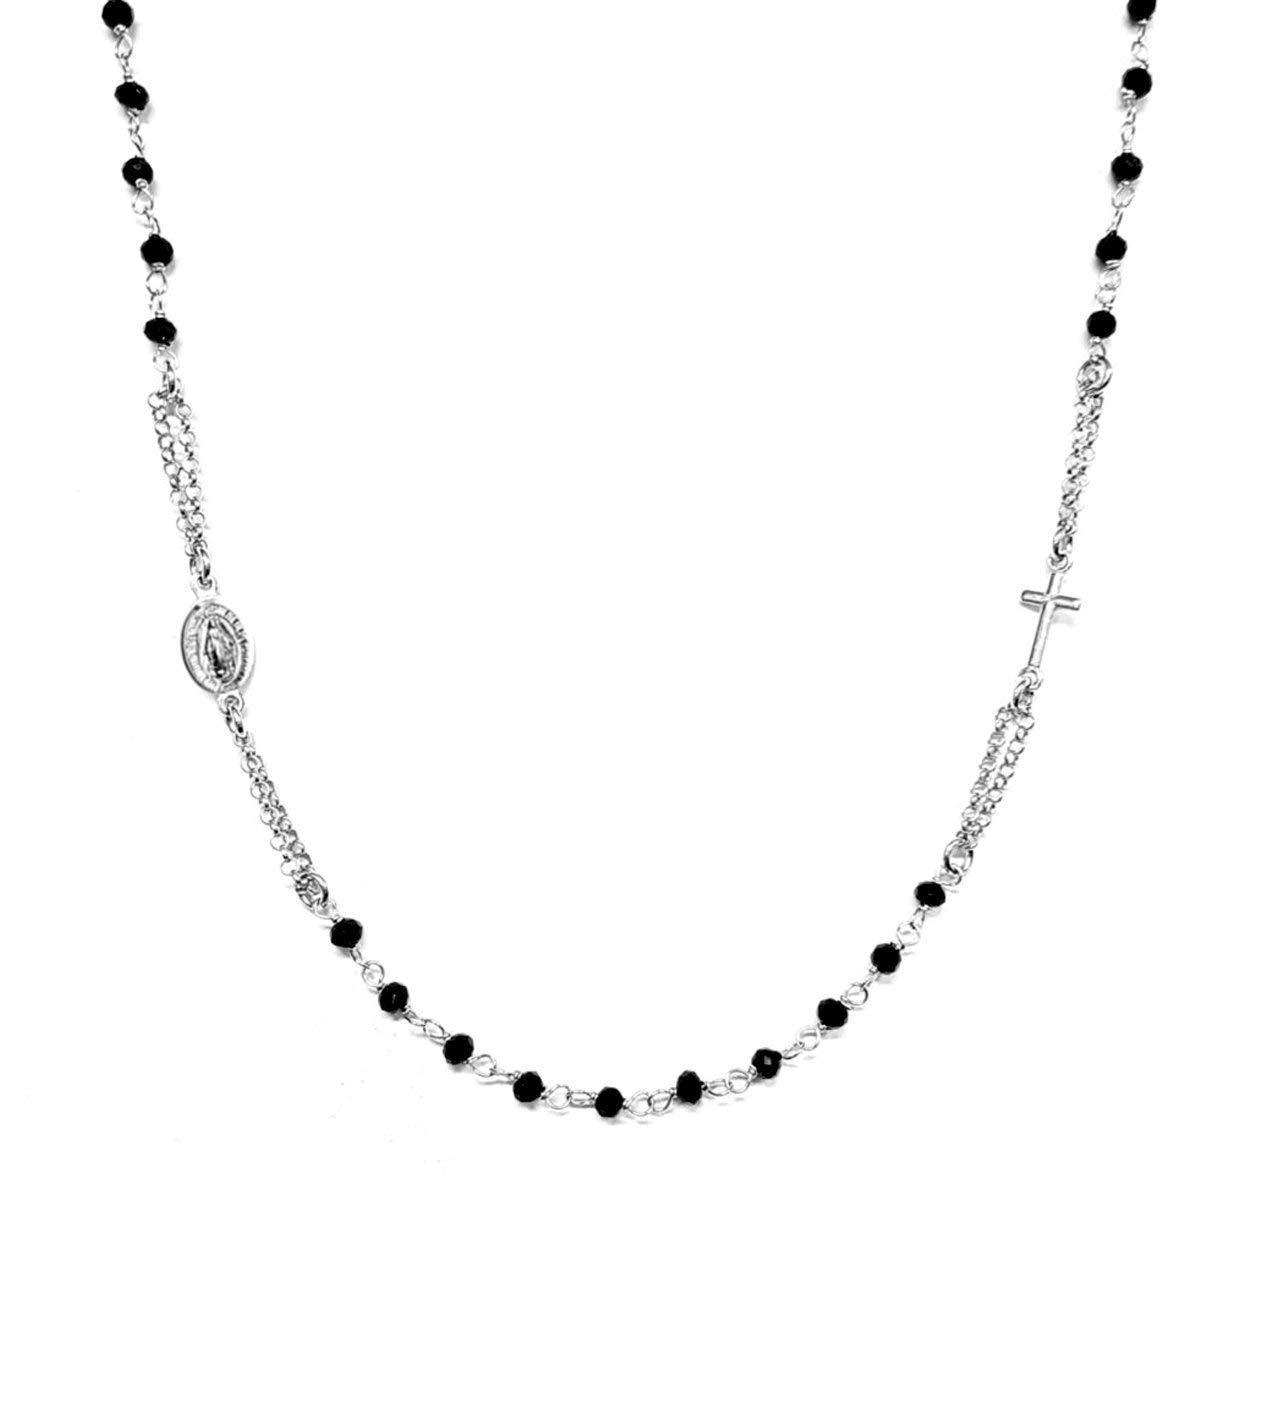 Collar Rosario en plata 925 con cuentas negras - Cruz y Medalla de la Virgen Maria - Linea Italia joyas Made in Italy